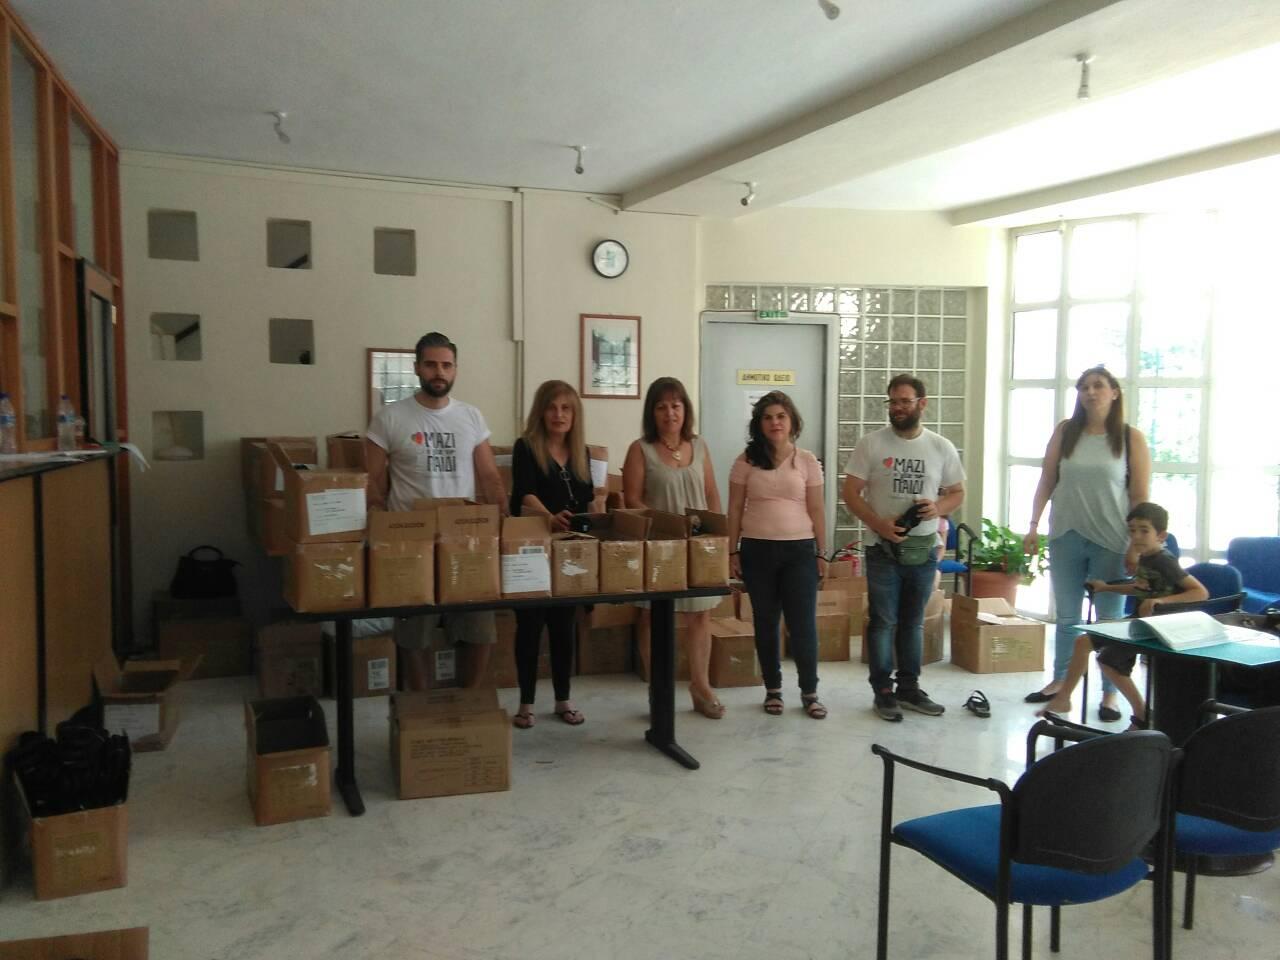 Διανομή παπουτσιών από την οργάνωση «Μαζί για το Παιδί» στην Έδεσσα